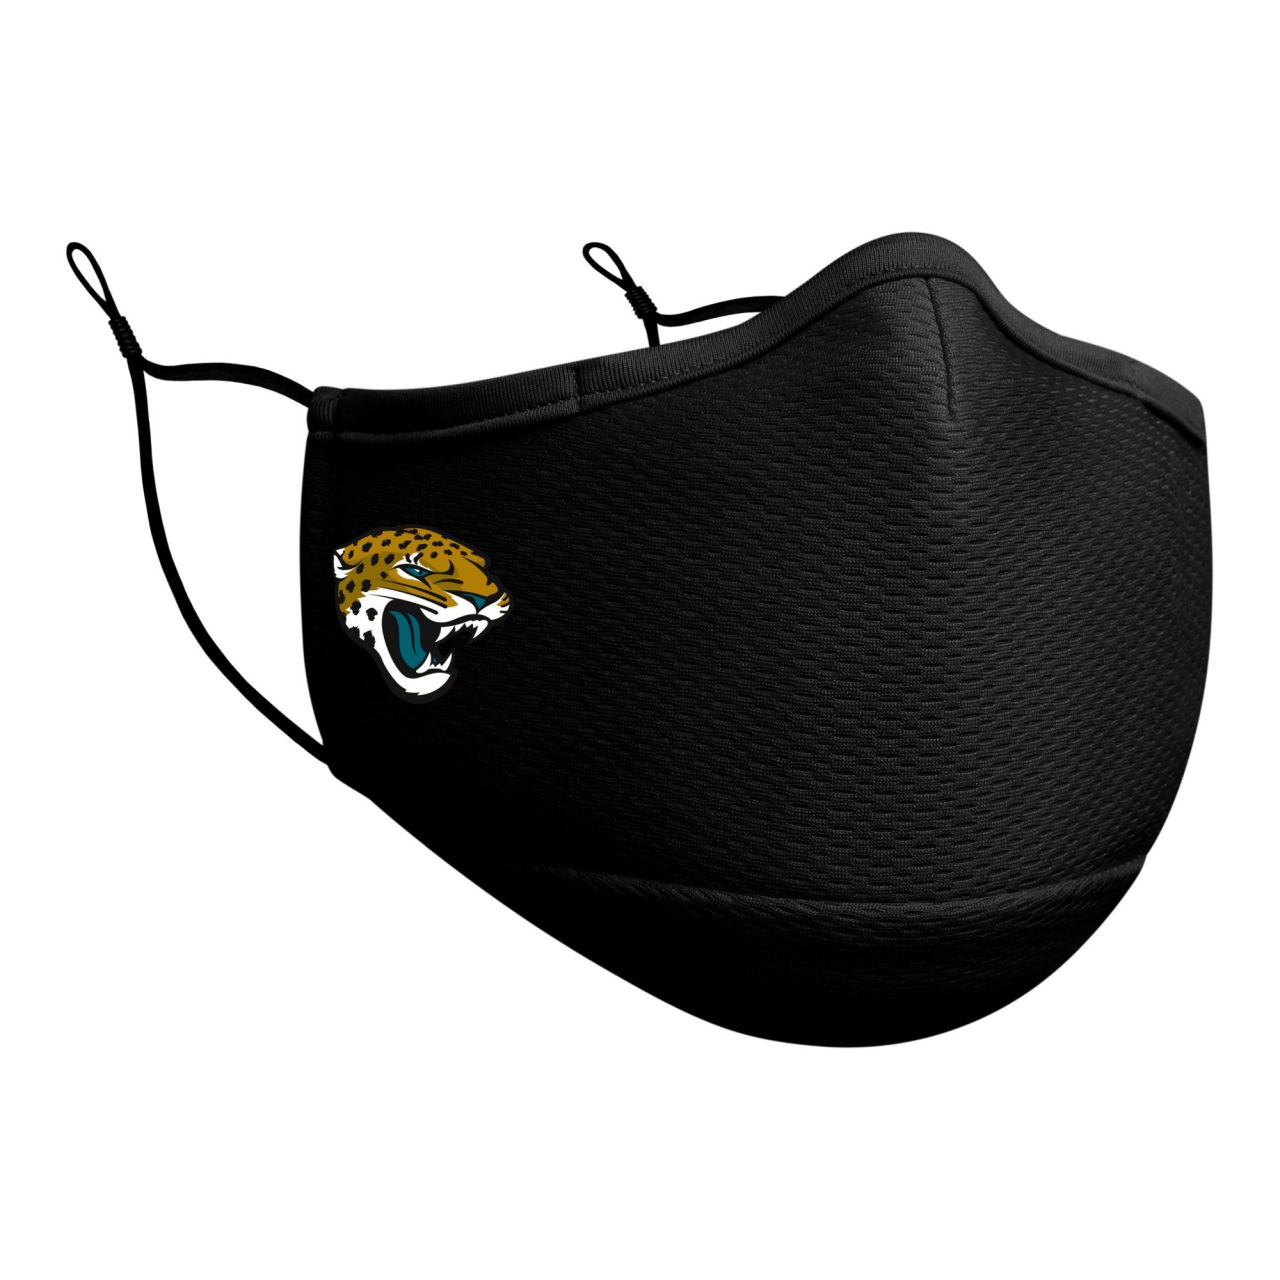 New Era NFL Face Mask Gesichtsmaske - Jacksonville Jaguars